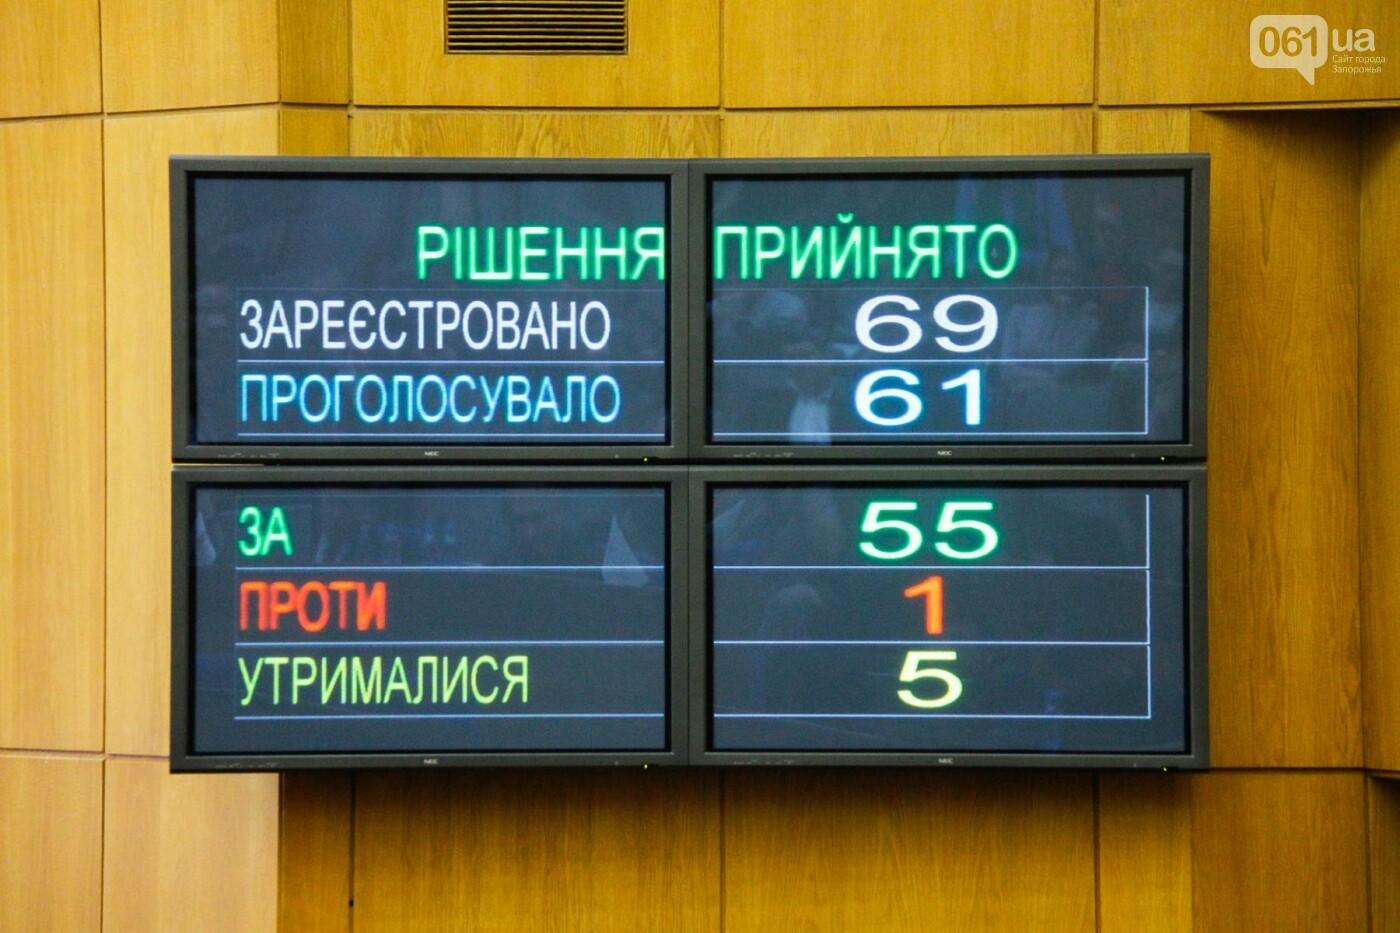 Вопрос о назначении директора Областного центра молодежи сняли с повестки дня сессии, - ФОТОФАКТ, фото-2